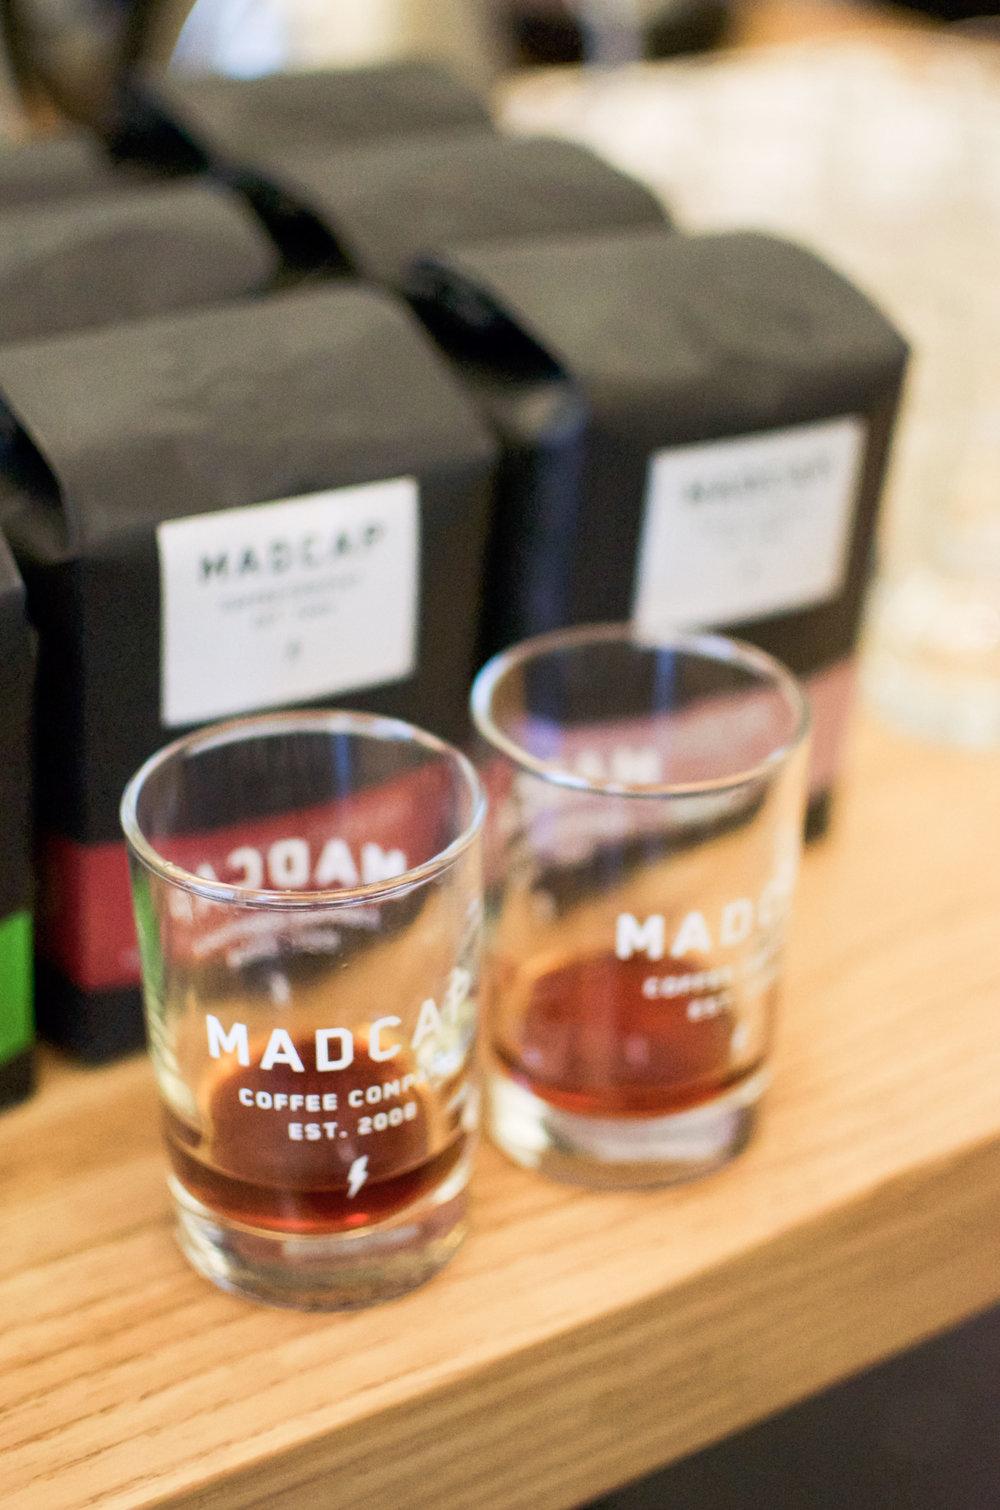 Wendling_Boyd_Daily_Fika_Coffee_Madcap-9.jpg